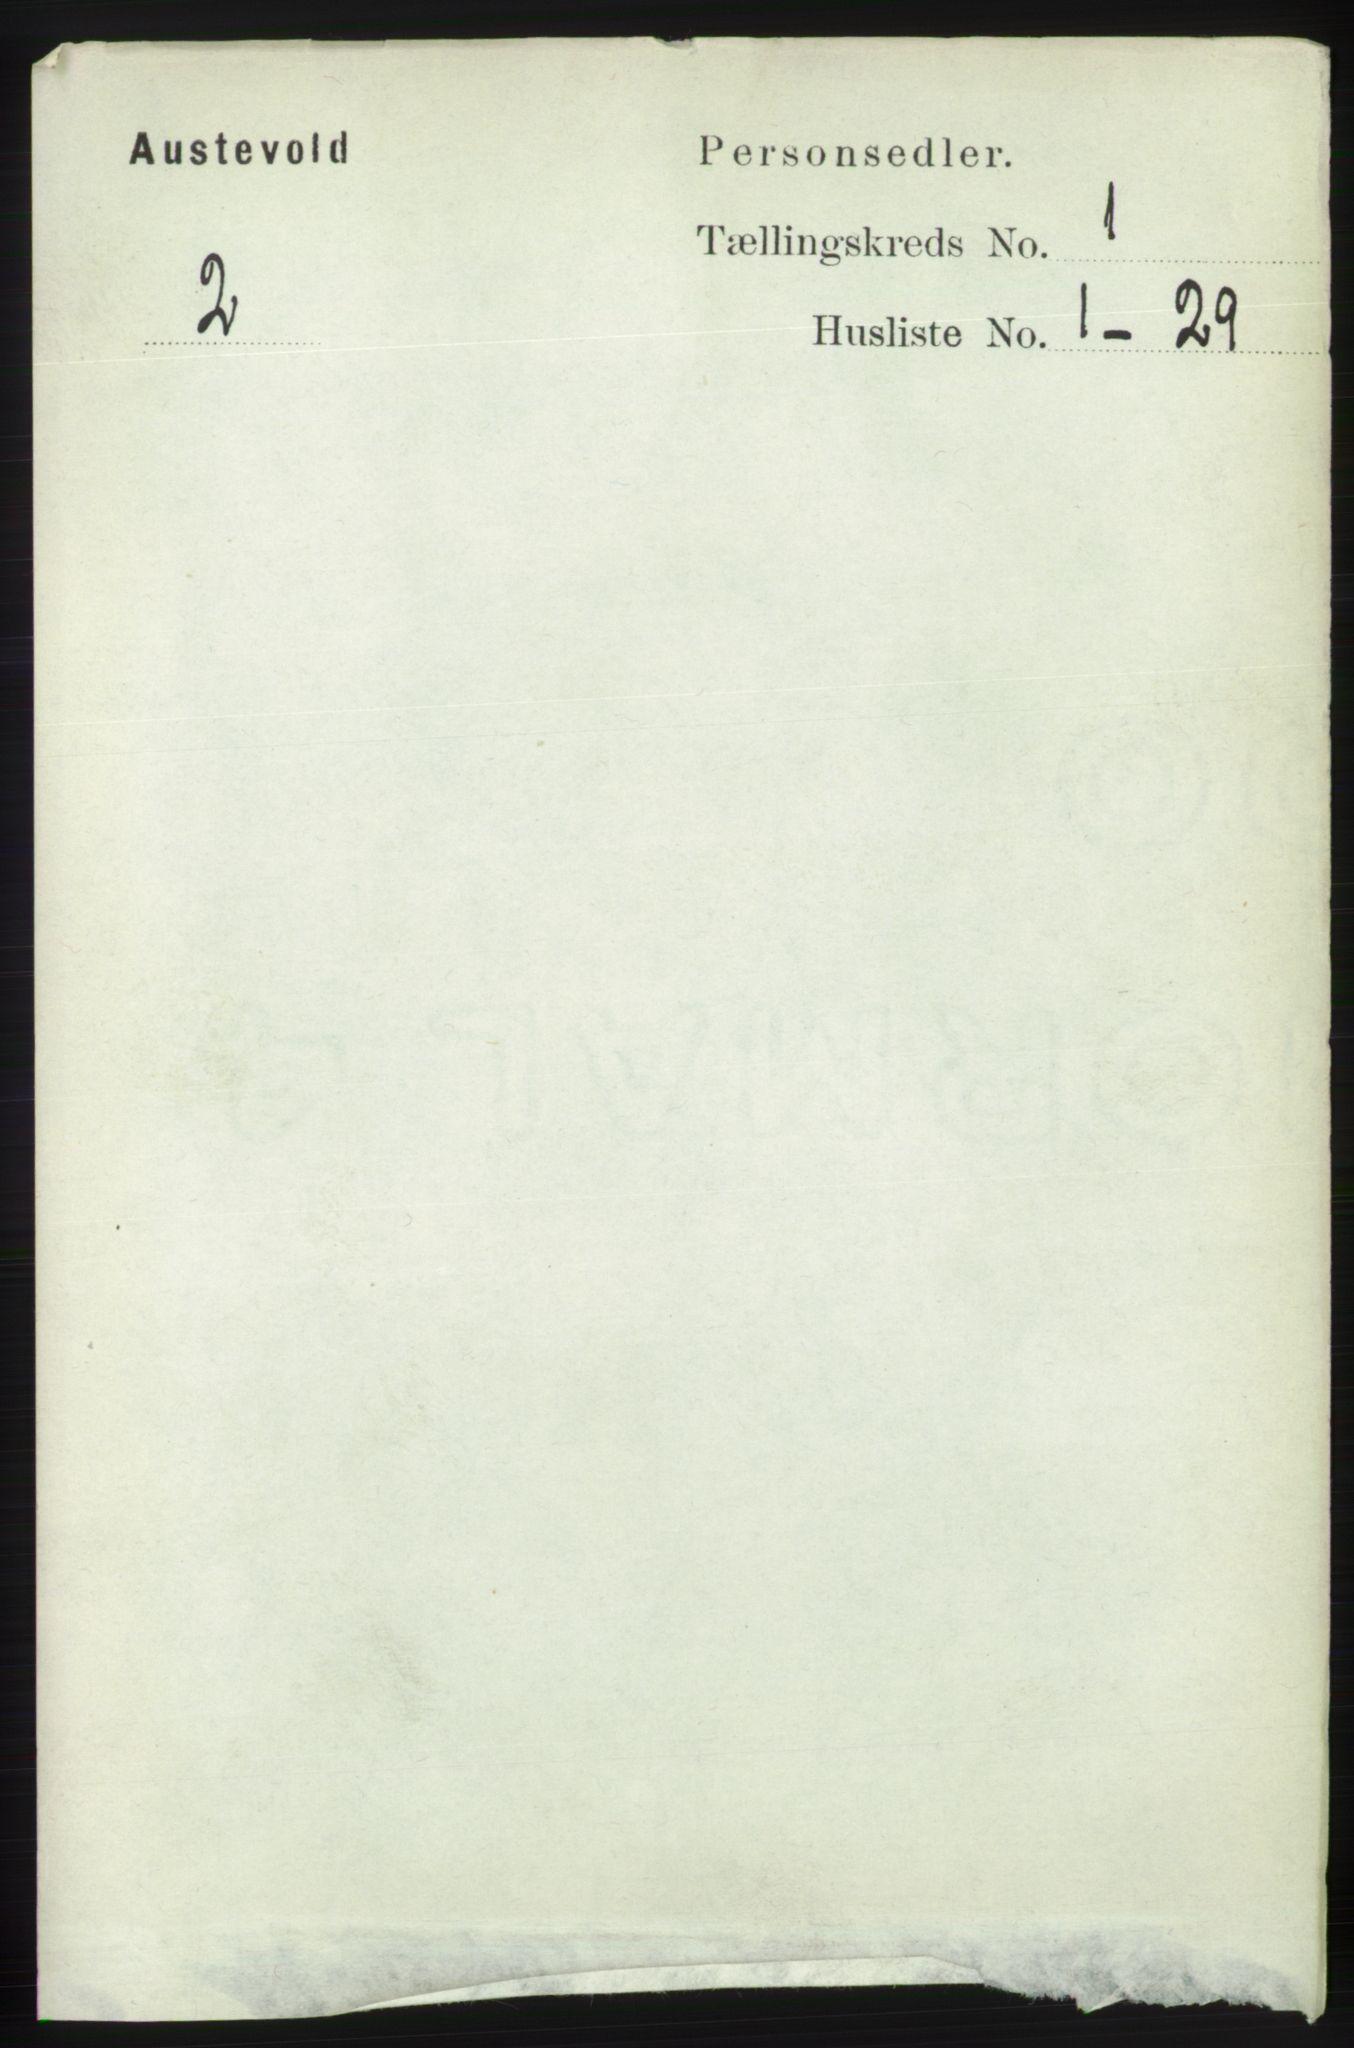 RA, Folketelling 1891 for 1244 Austevoll herred, 1891, s. 97